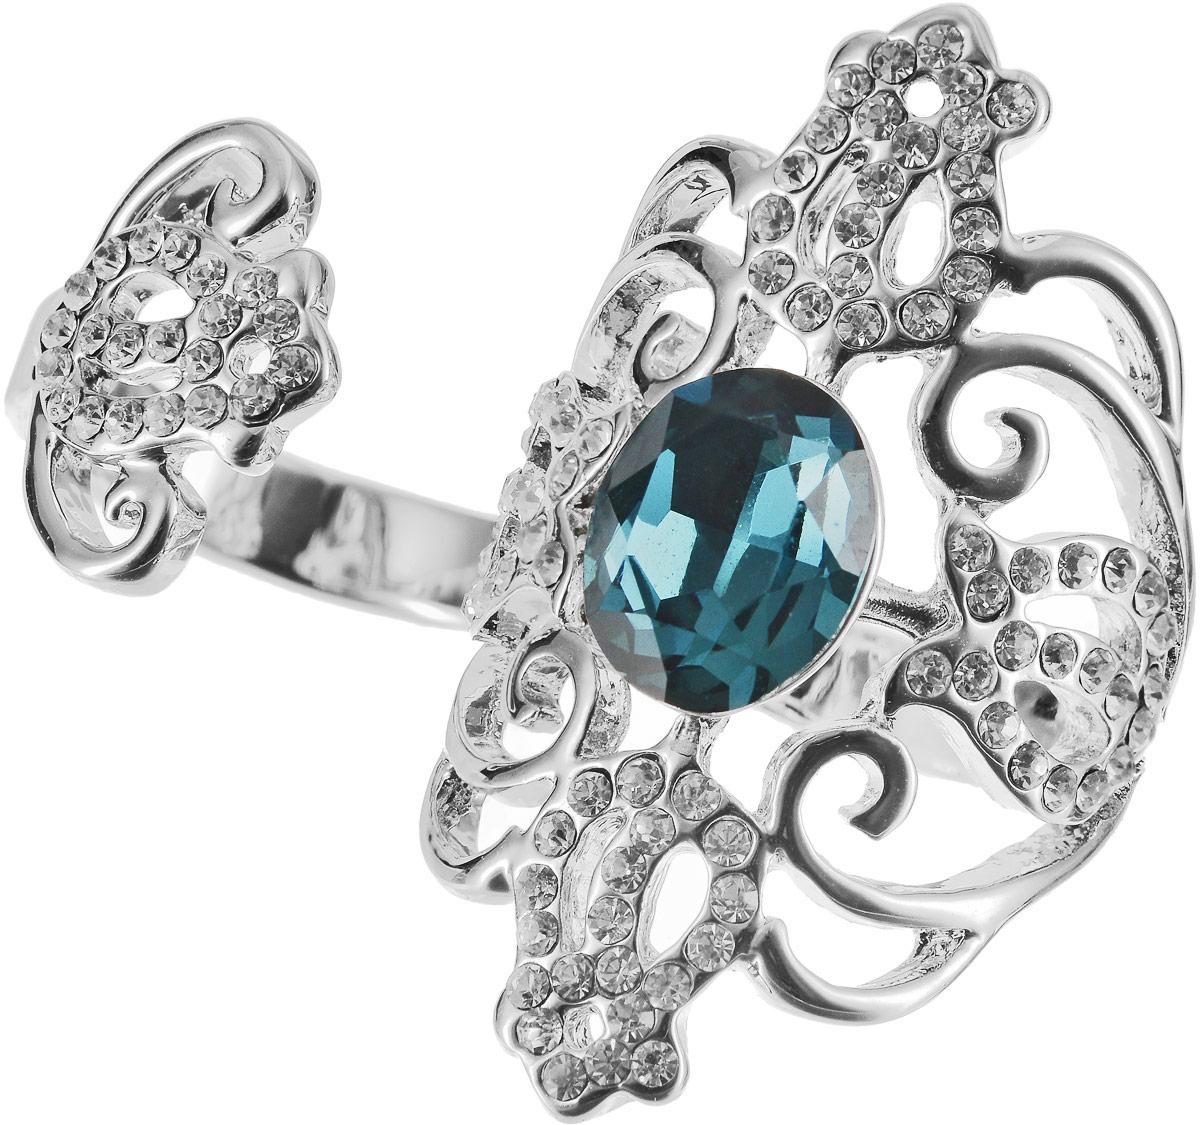 Кольцо на два пальца Art-Silver, цвет: серебряный, бирюзовый. 06816-1319. Размер 19Коктейльное кольцоОригинальное кольцо Art-Silver выполнено из бижутерного сплава с гальваническим покрытием. Кольцо на два пальца украшено декоративными вставками.Элегантное кольцо Art-Silver превосходно дополнит ваш образ и подчеркнет отменное чувство стиля своей обладательницы.